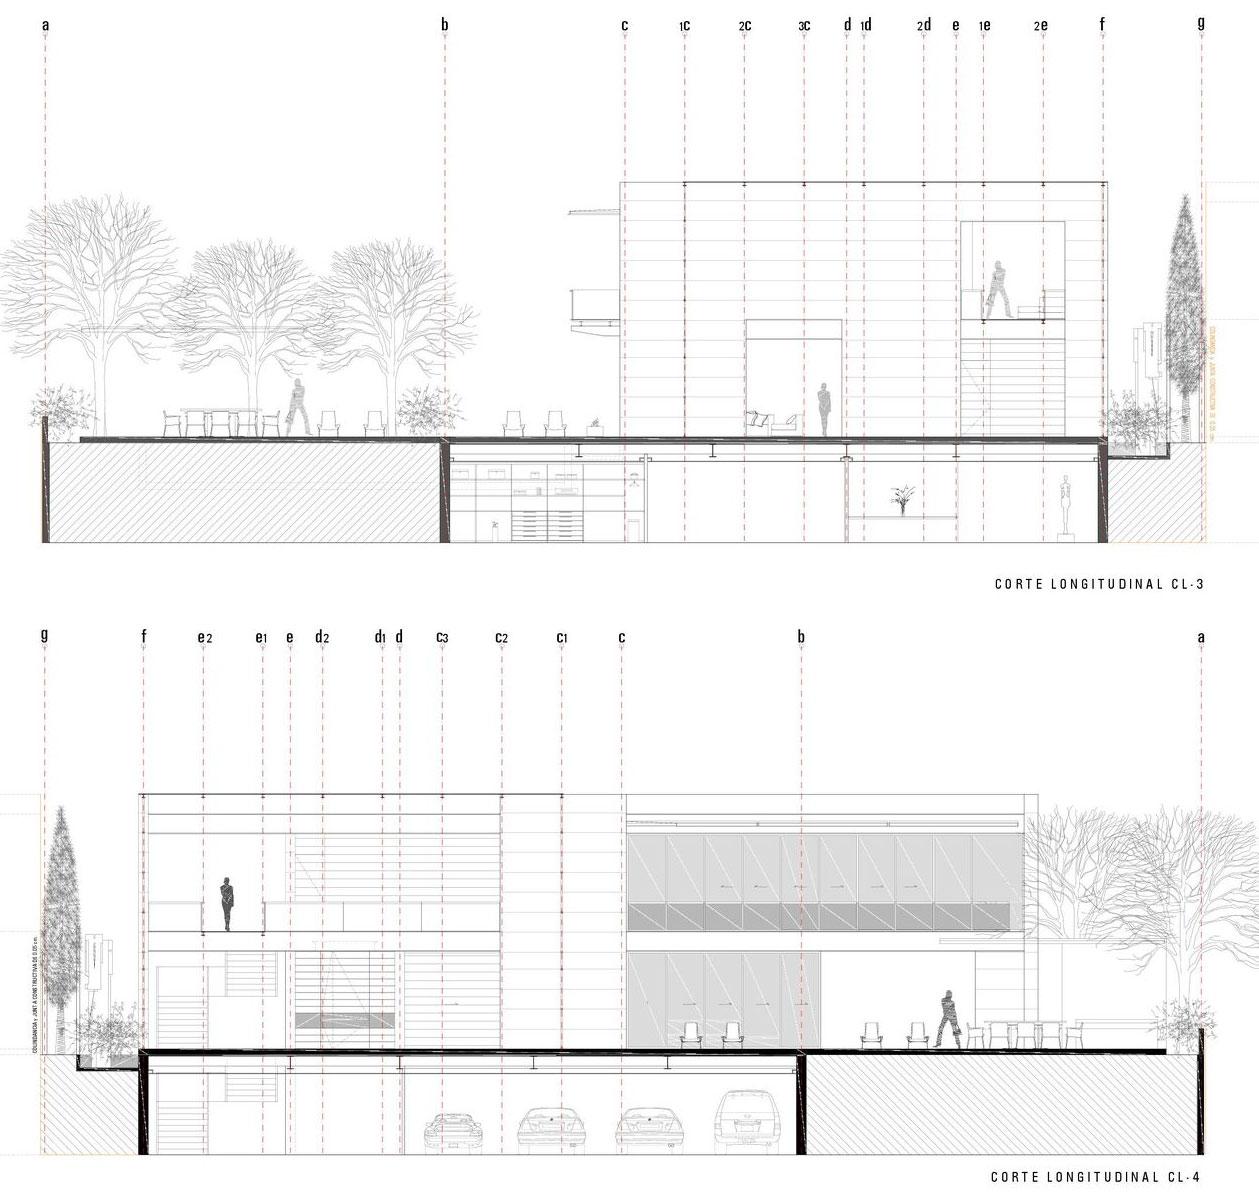 Dalias House grupoarquitectura-34